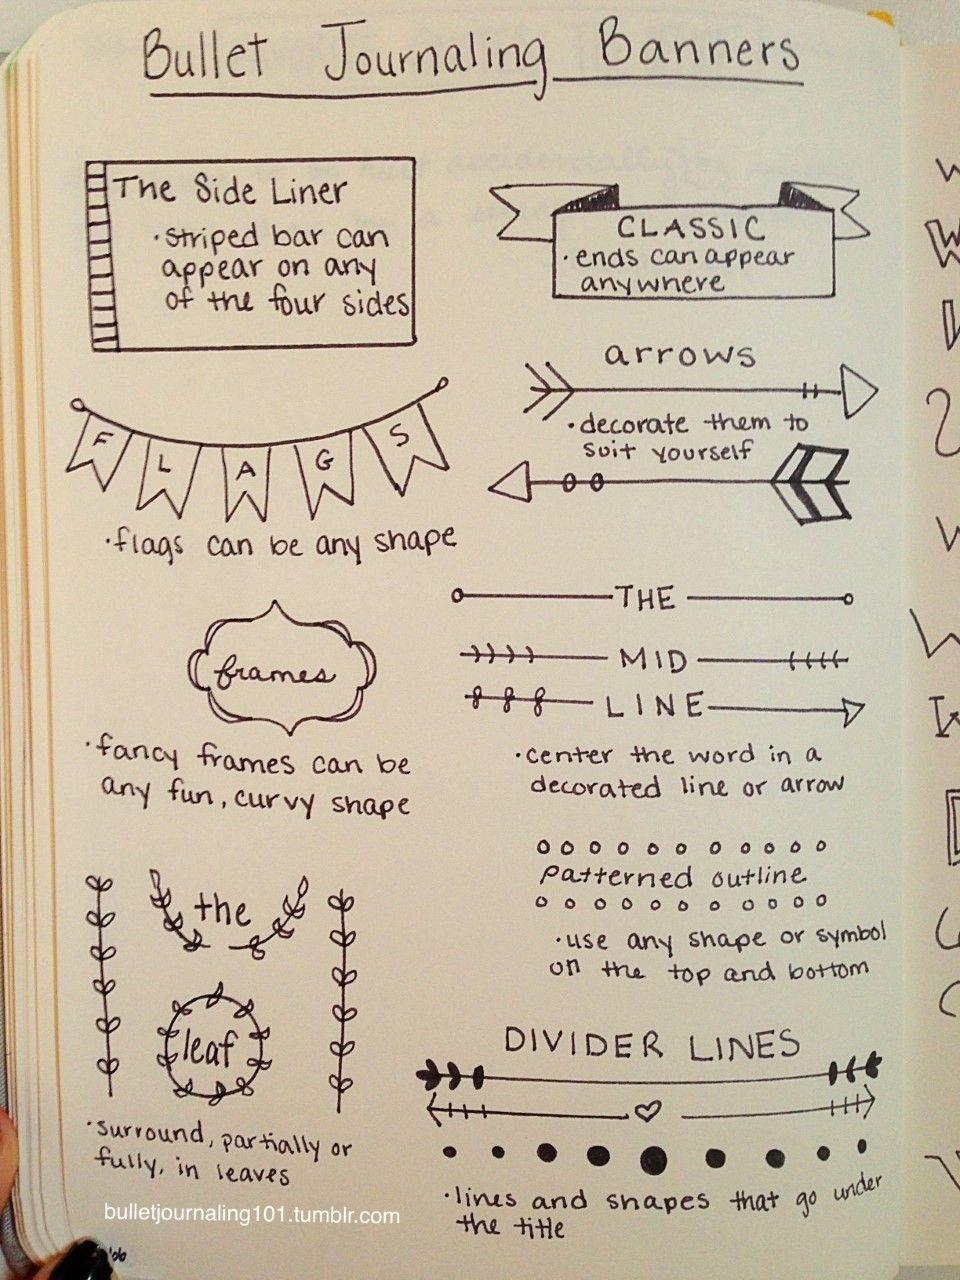 How to bullet journal bullet journal ideas pinterest bullet